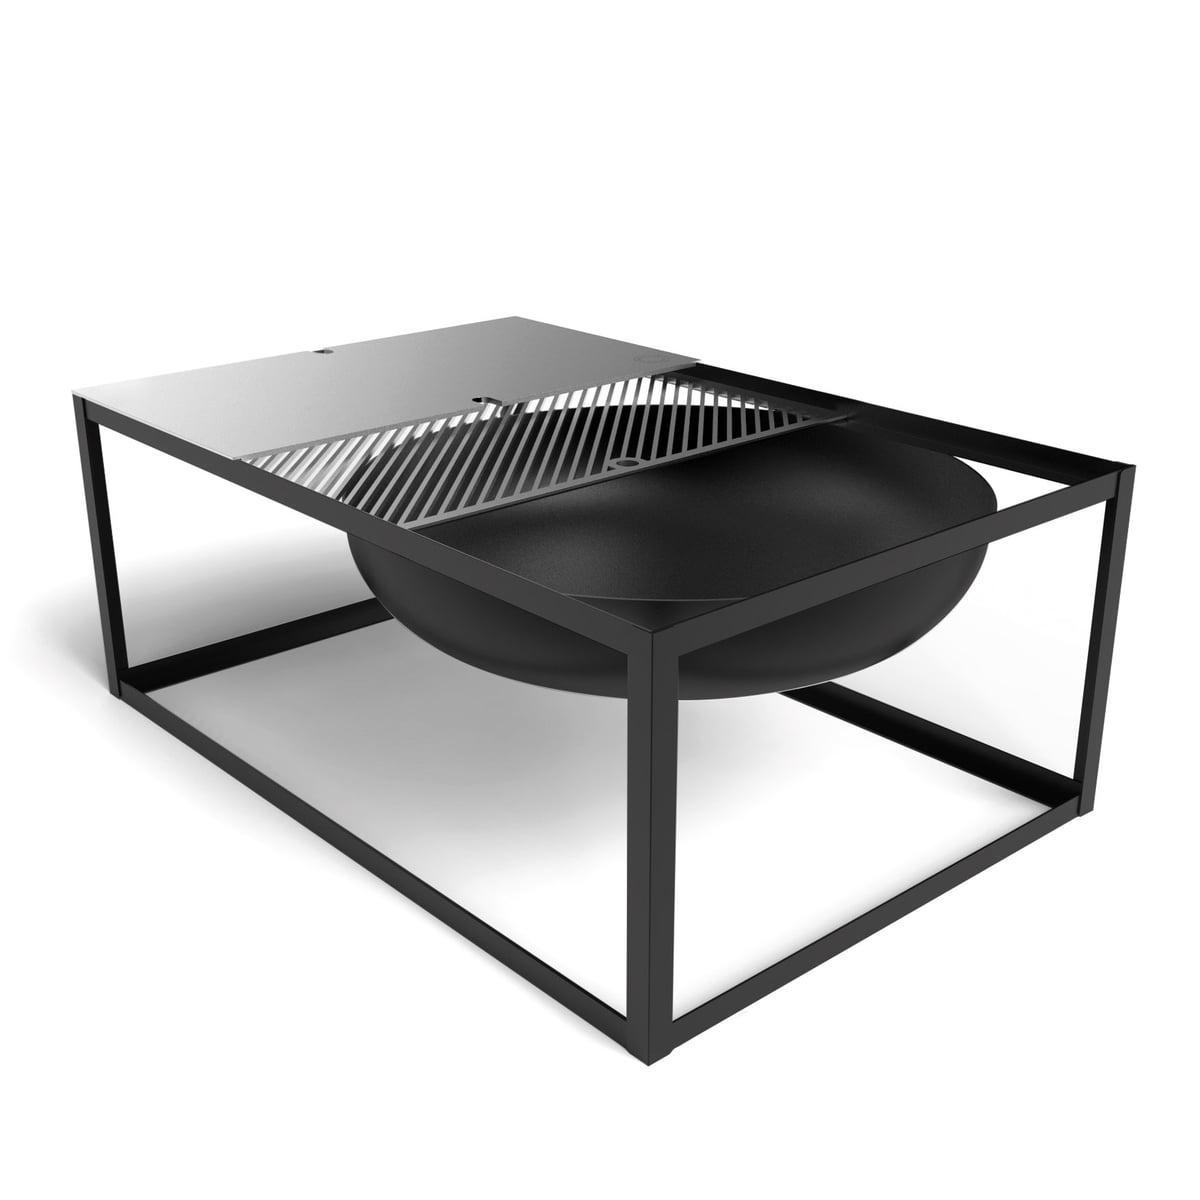 brasero slide fonction barbecue konstantin slawinski. Black Bedroom Furniture Sets. Home Design Ideas